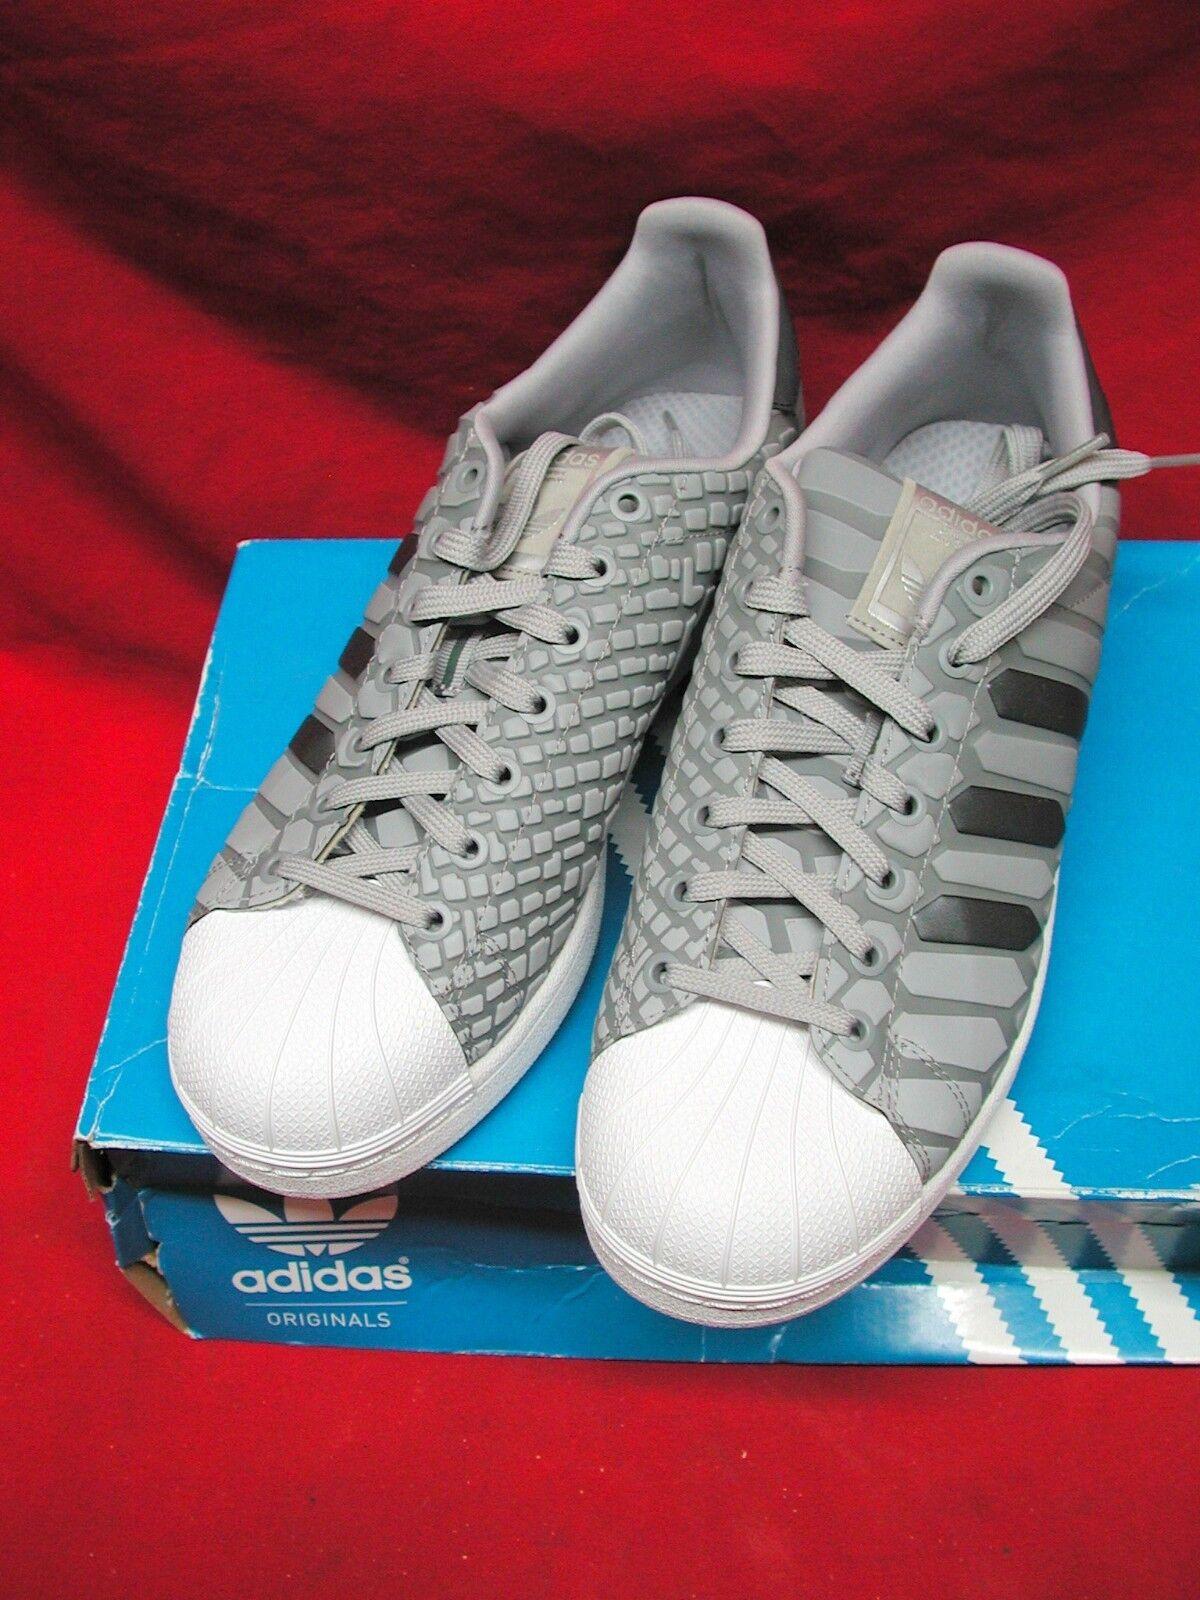 Adidas Reflective Originals Superstar Xeno Grey Reflective Adidas Silver Prism 3M D69367 US Men 10 6e9e5a